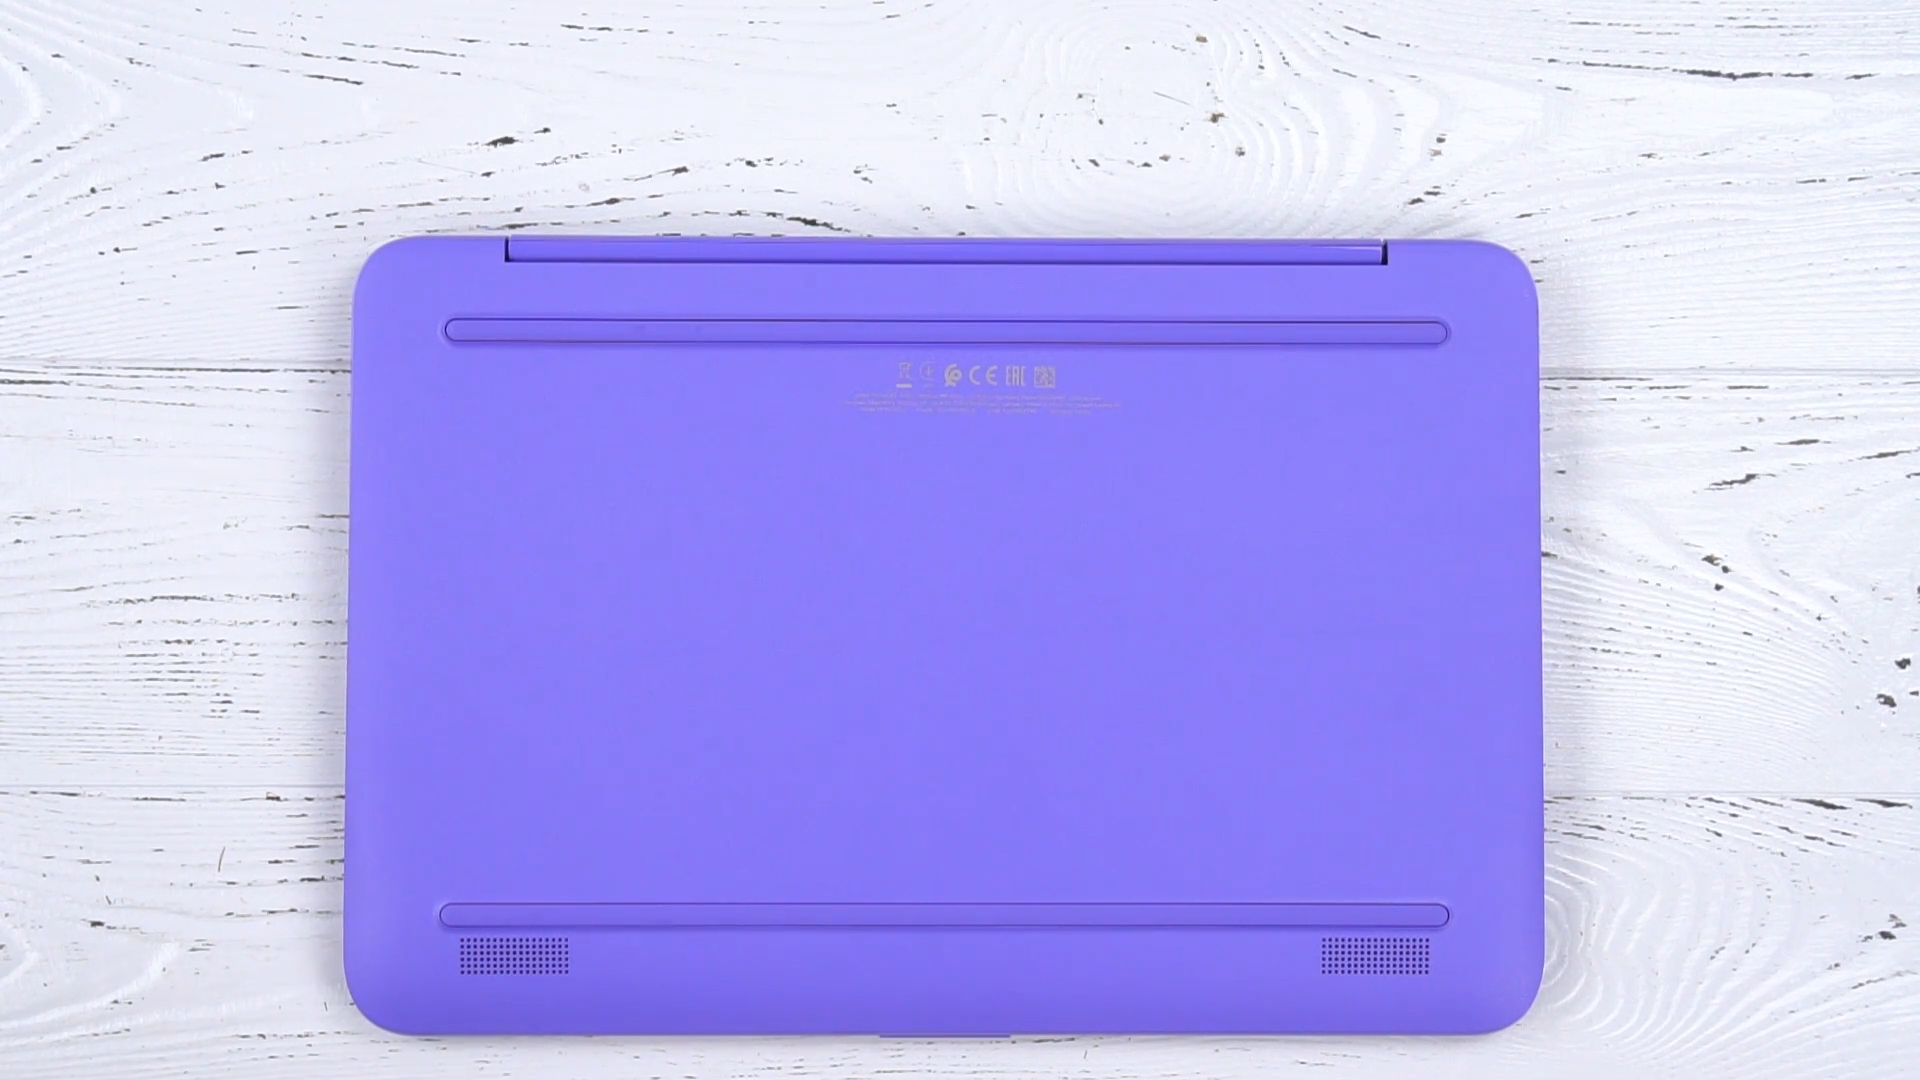 Нижняя панель ноутбука